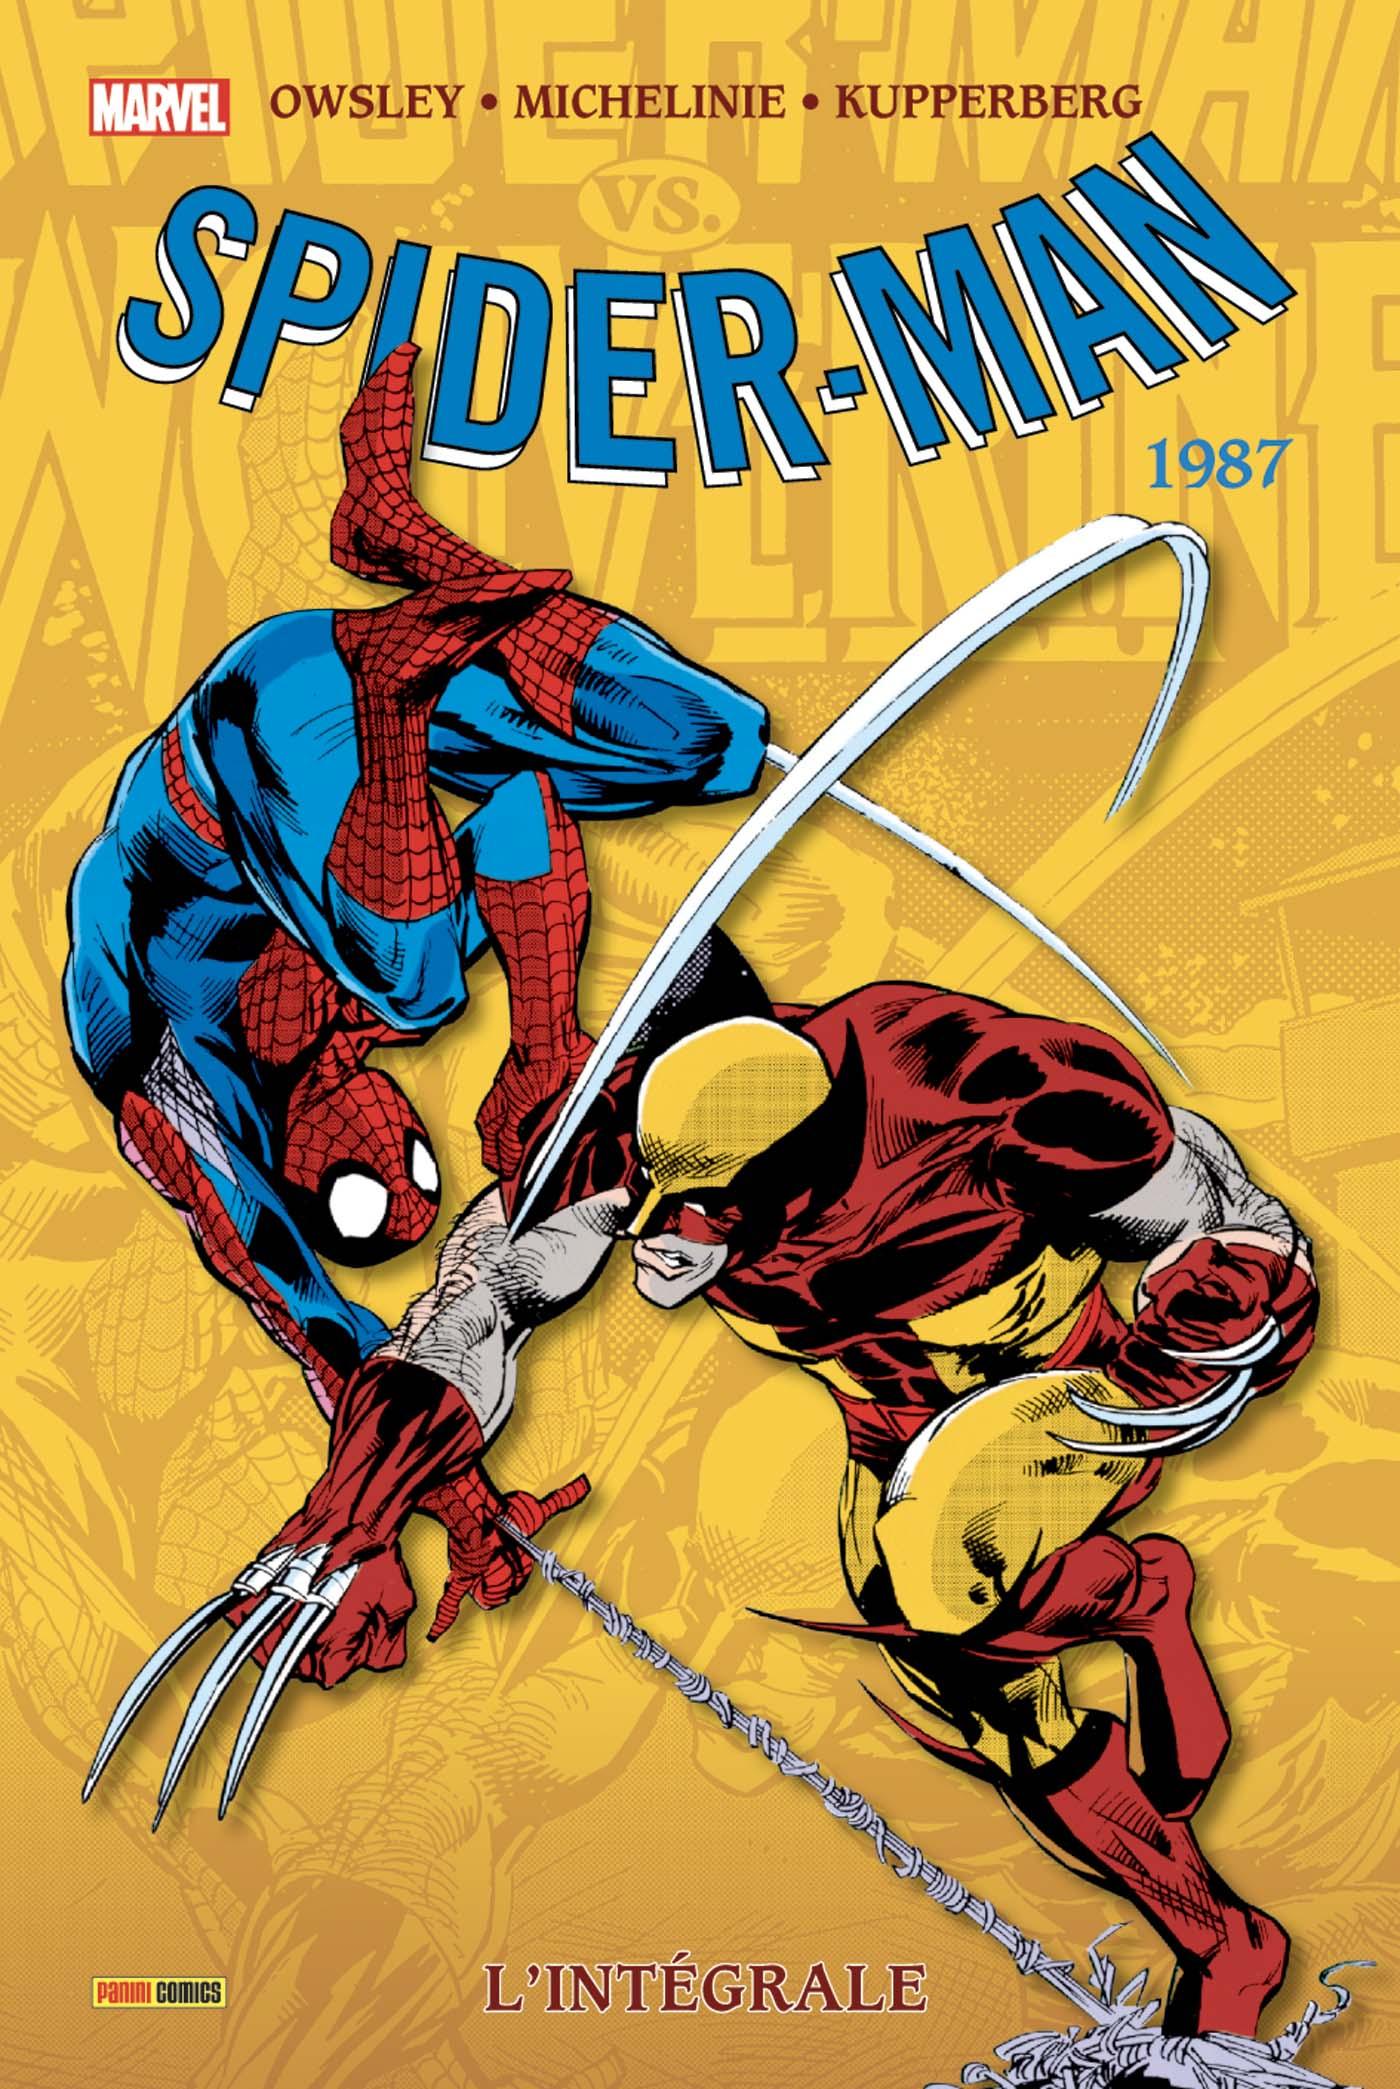 Spider-Man 1987.1 - 1987